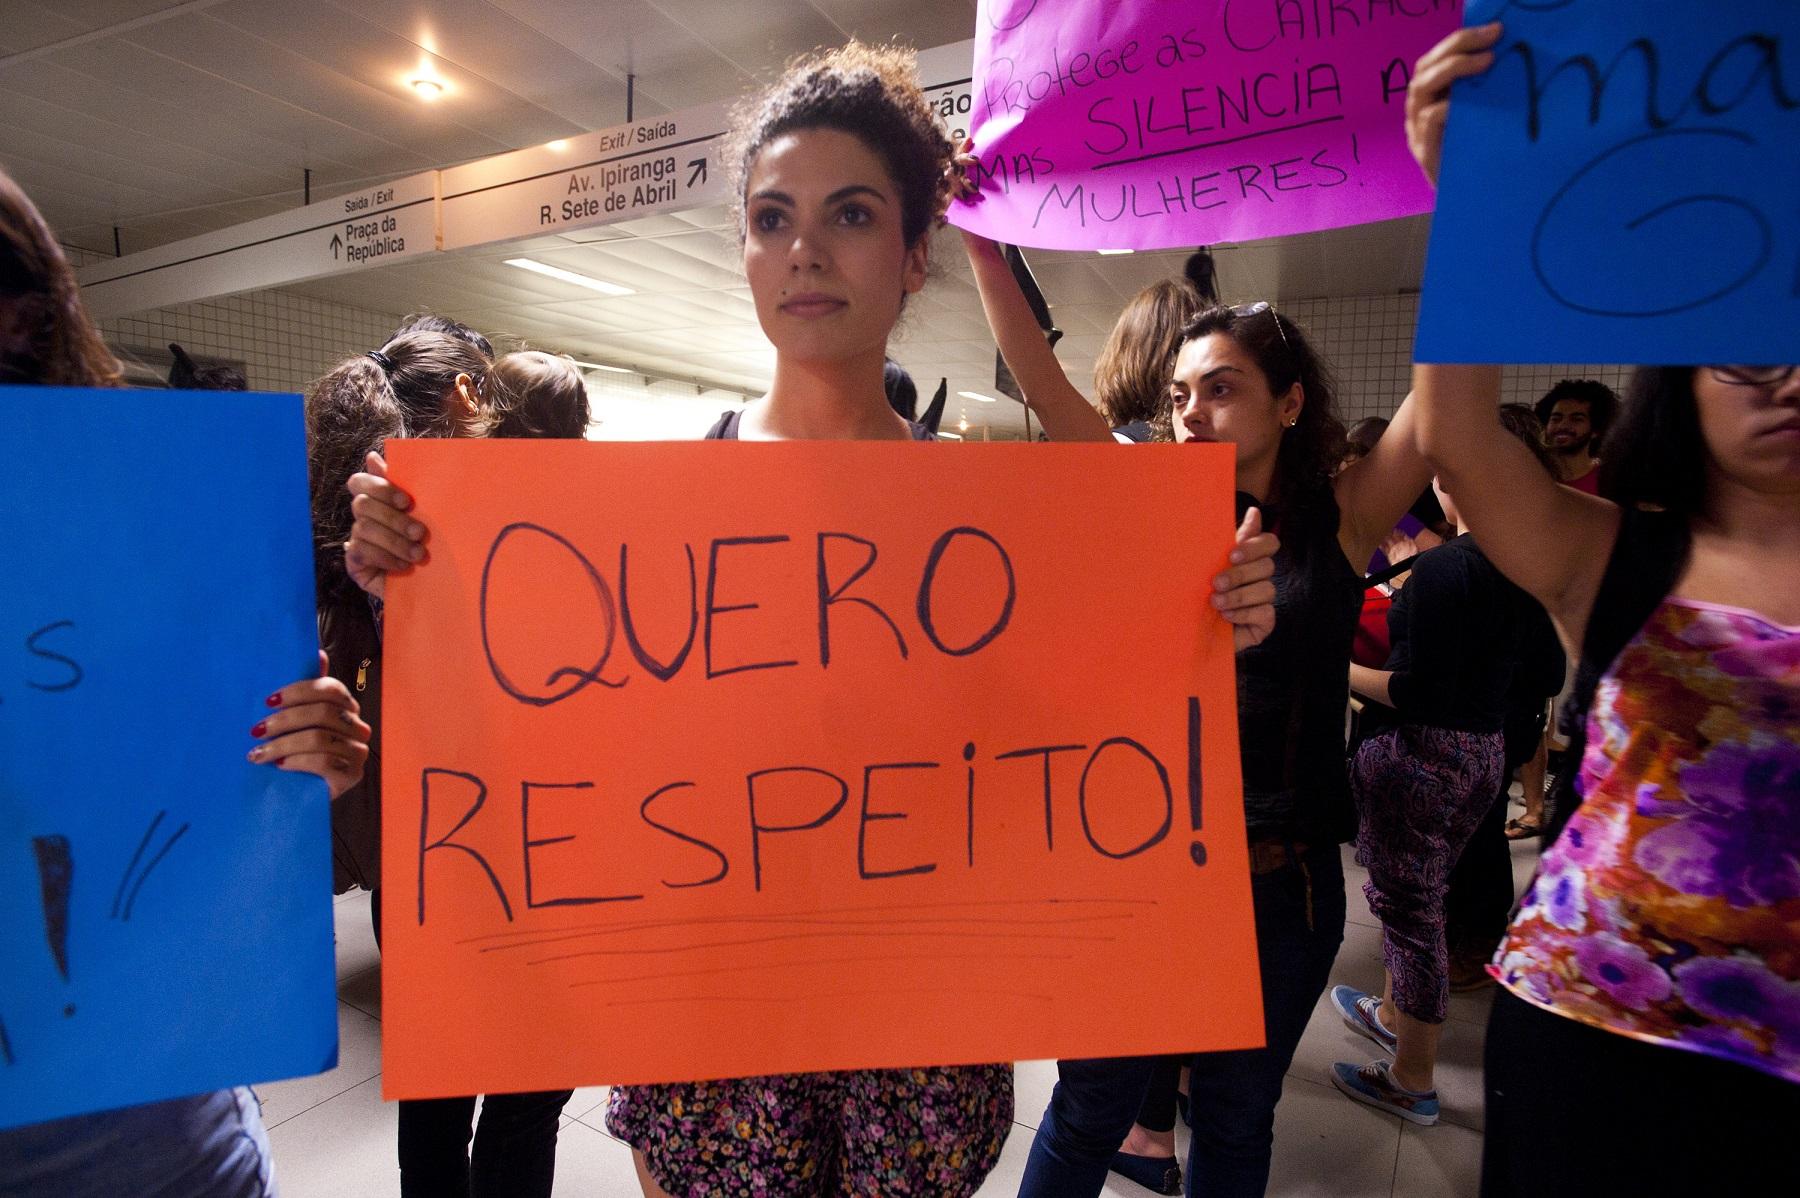 Mulheres protestam contra o assédio no metrô de São Paulo. Foto de Gabriel Soares/Brazil Photo Press